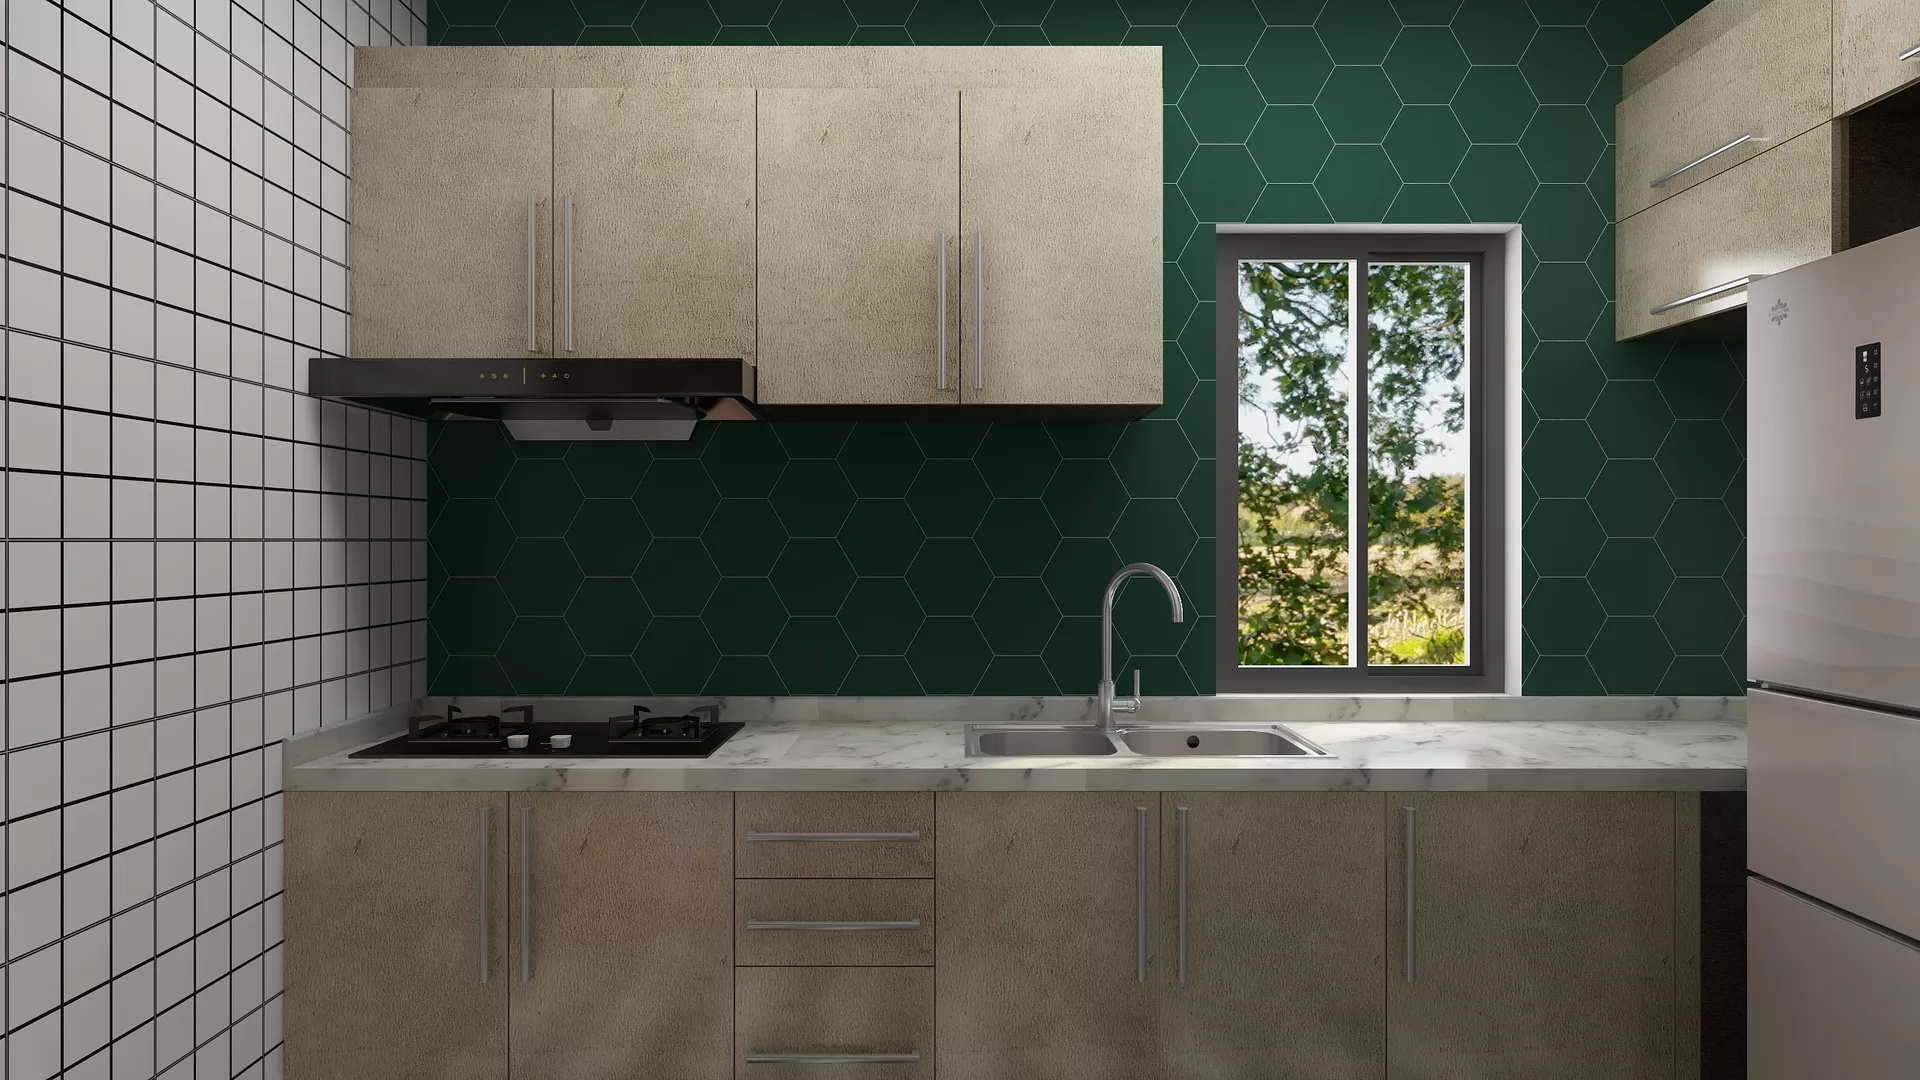 卫生间除了瓷砖还能用什么装饰材料?